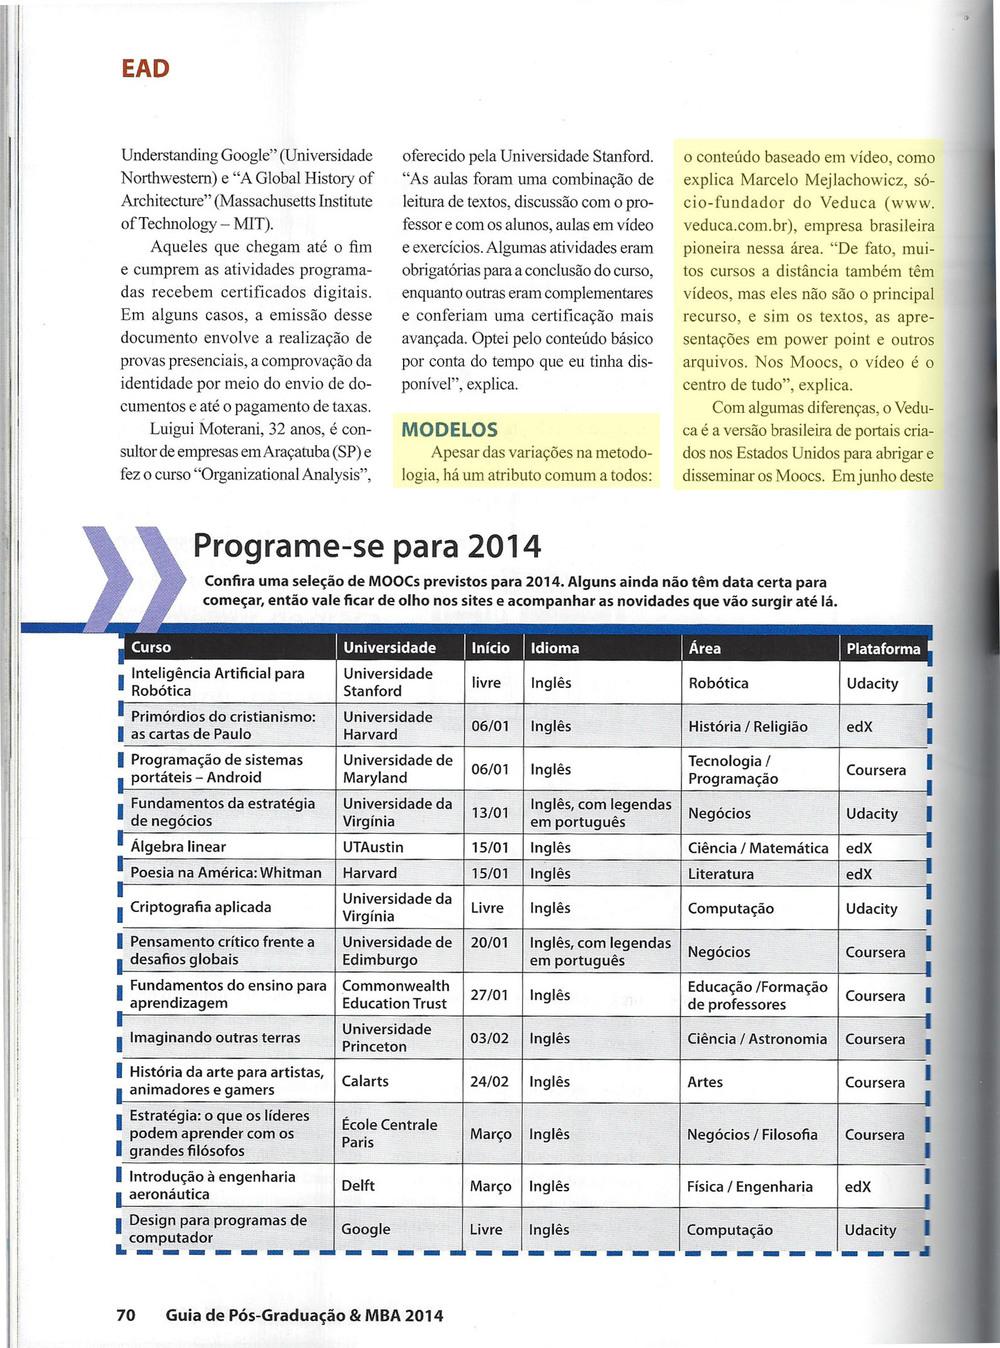 Guia de Pós & MBA_page 70.jpg